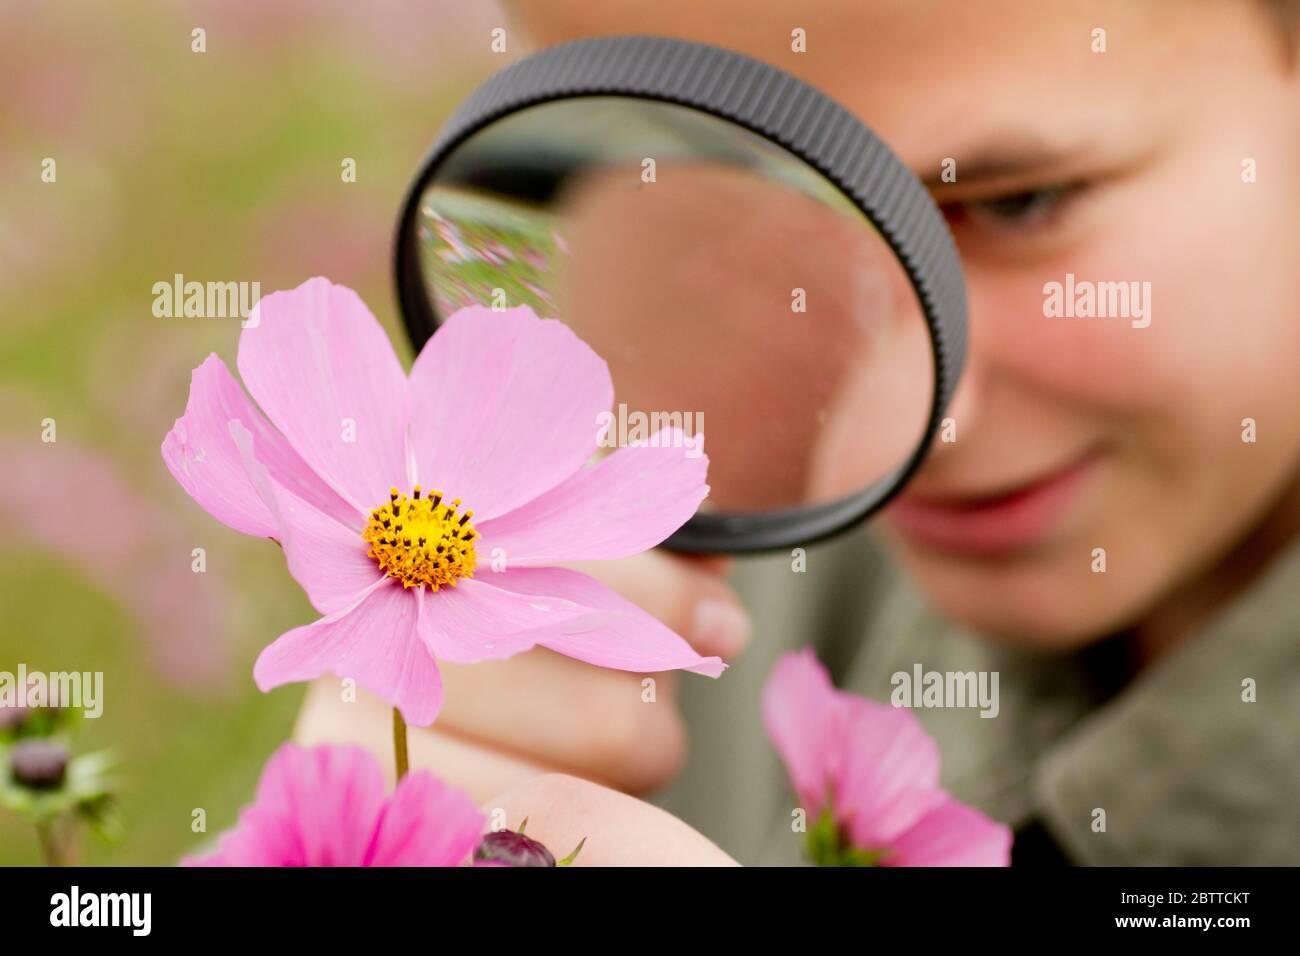 Junge betrachtet Blume durch eine Lupe, MR: Sì Foto Stock